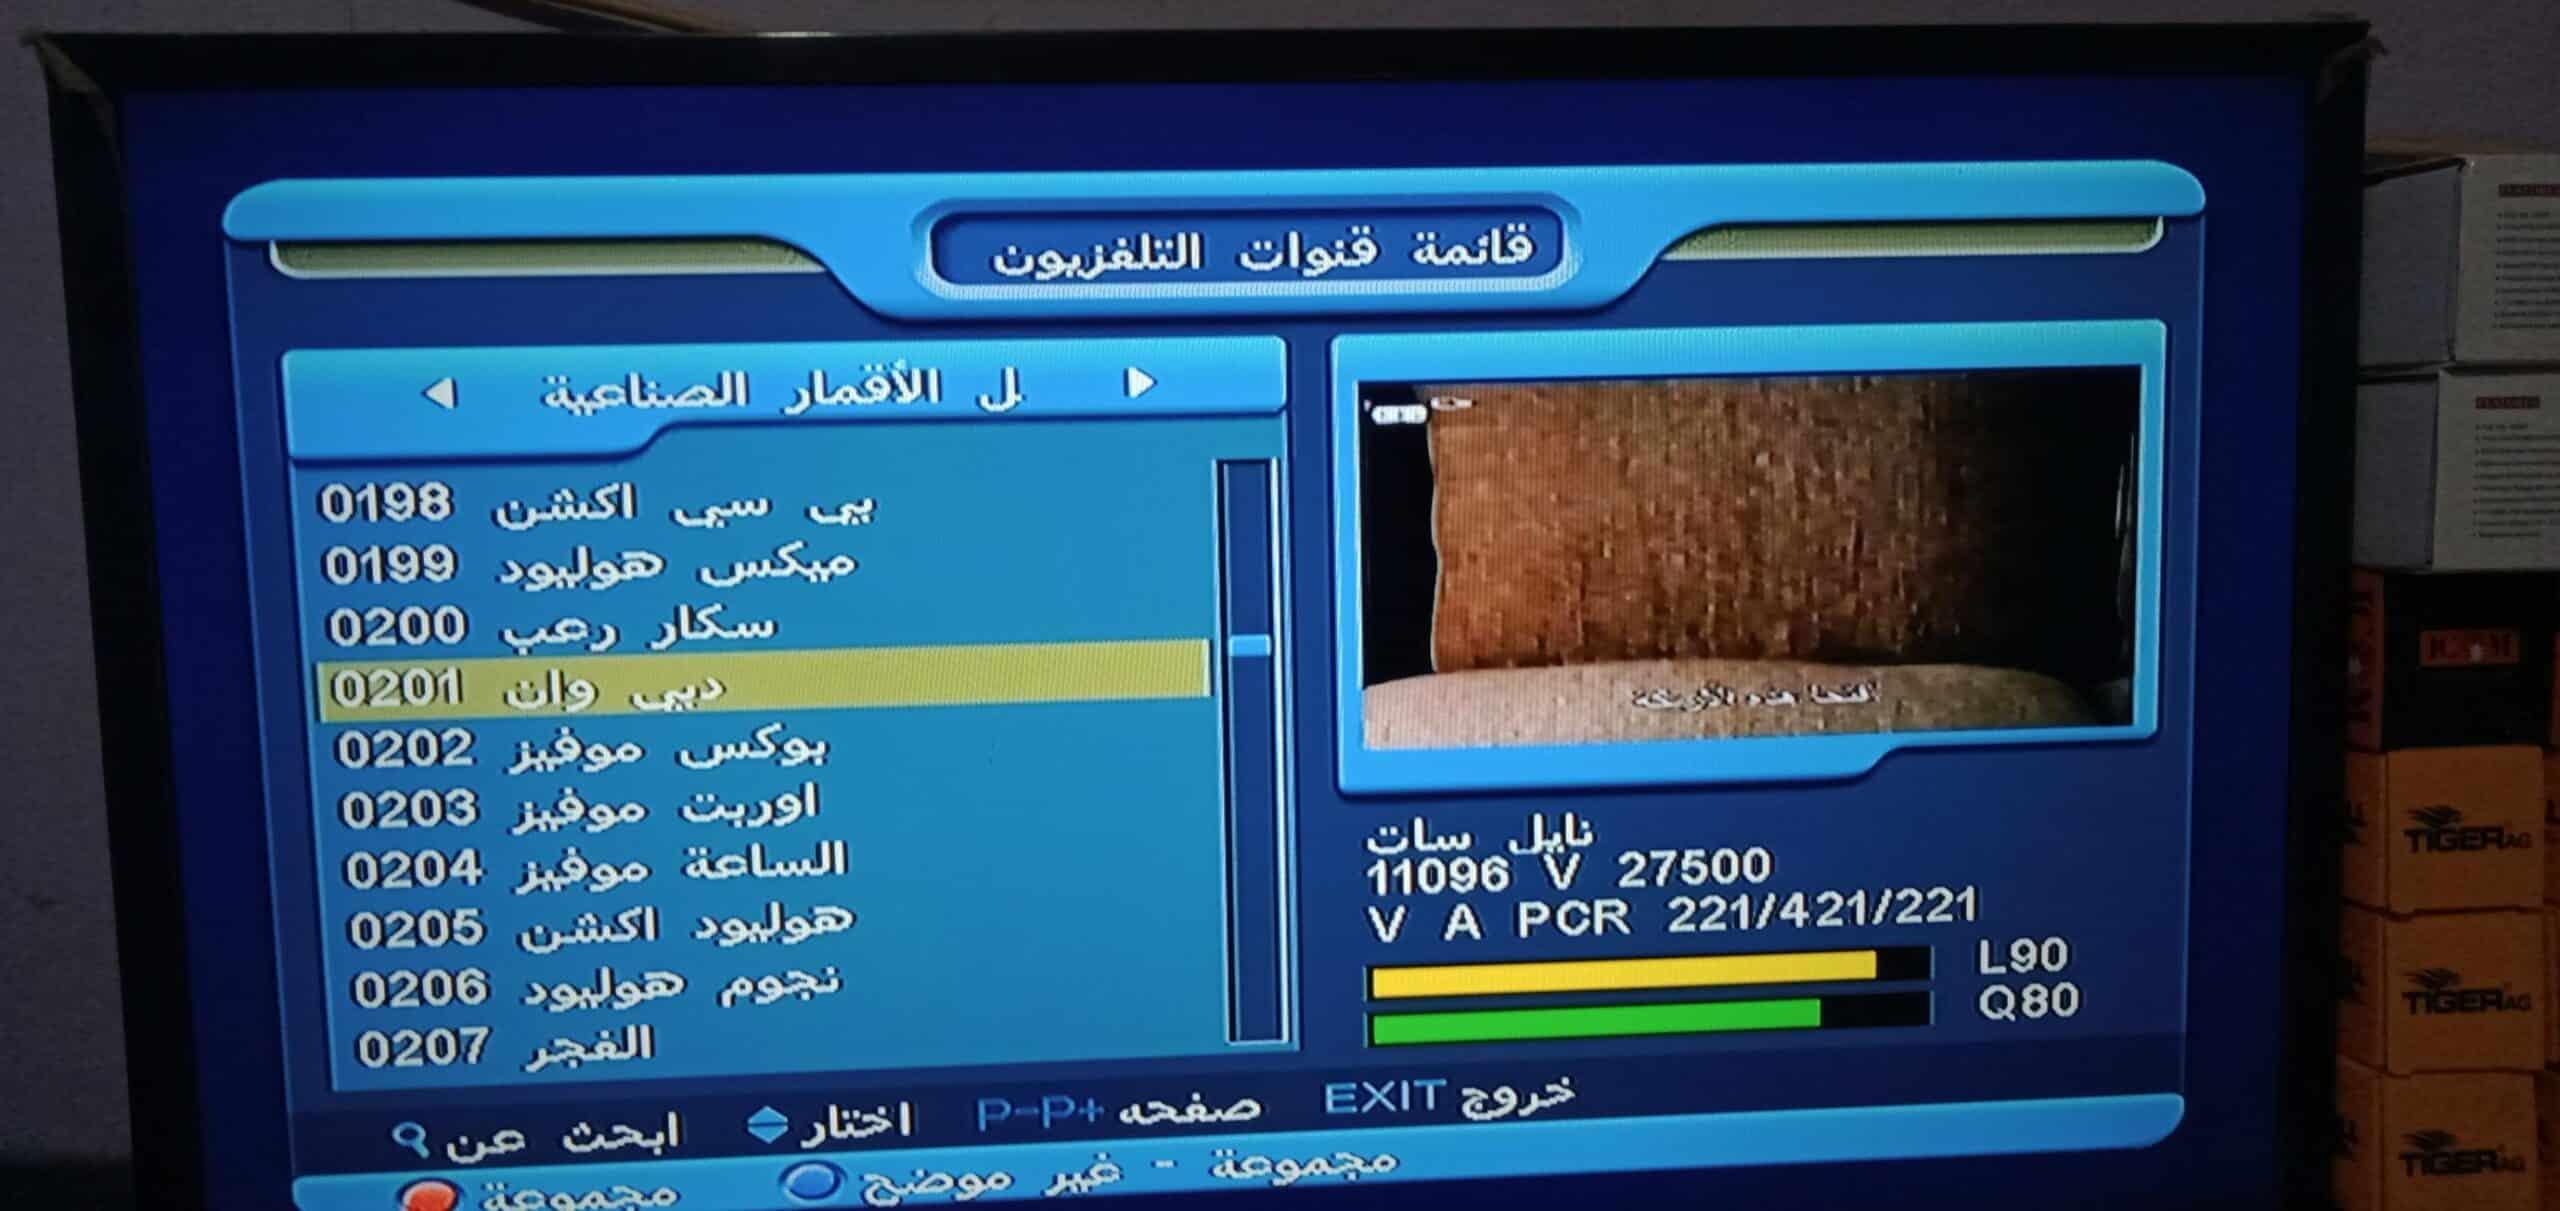 أحدث ملف قنوات بتاريخ 5 2021 عربي وانجليزى ترومان معالج C سي 666 777 888 999 scaled